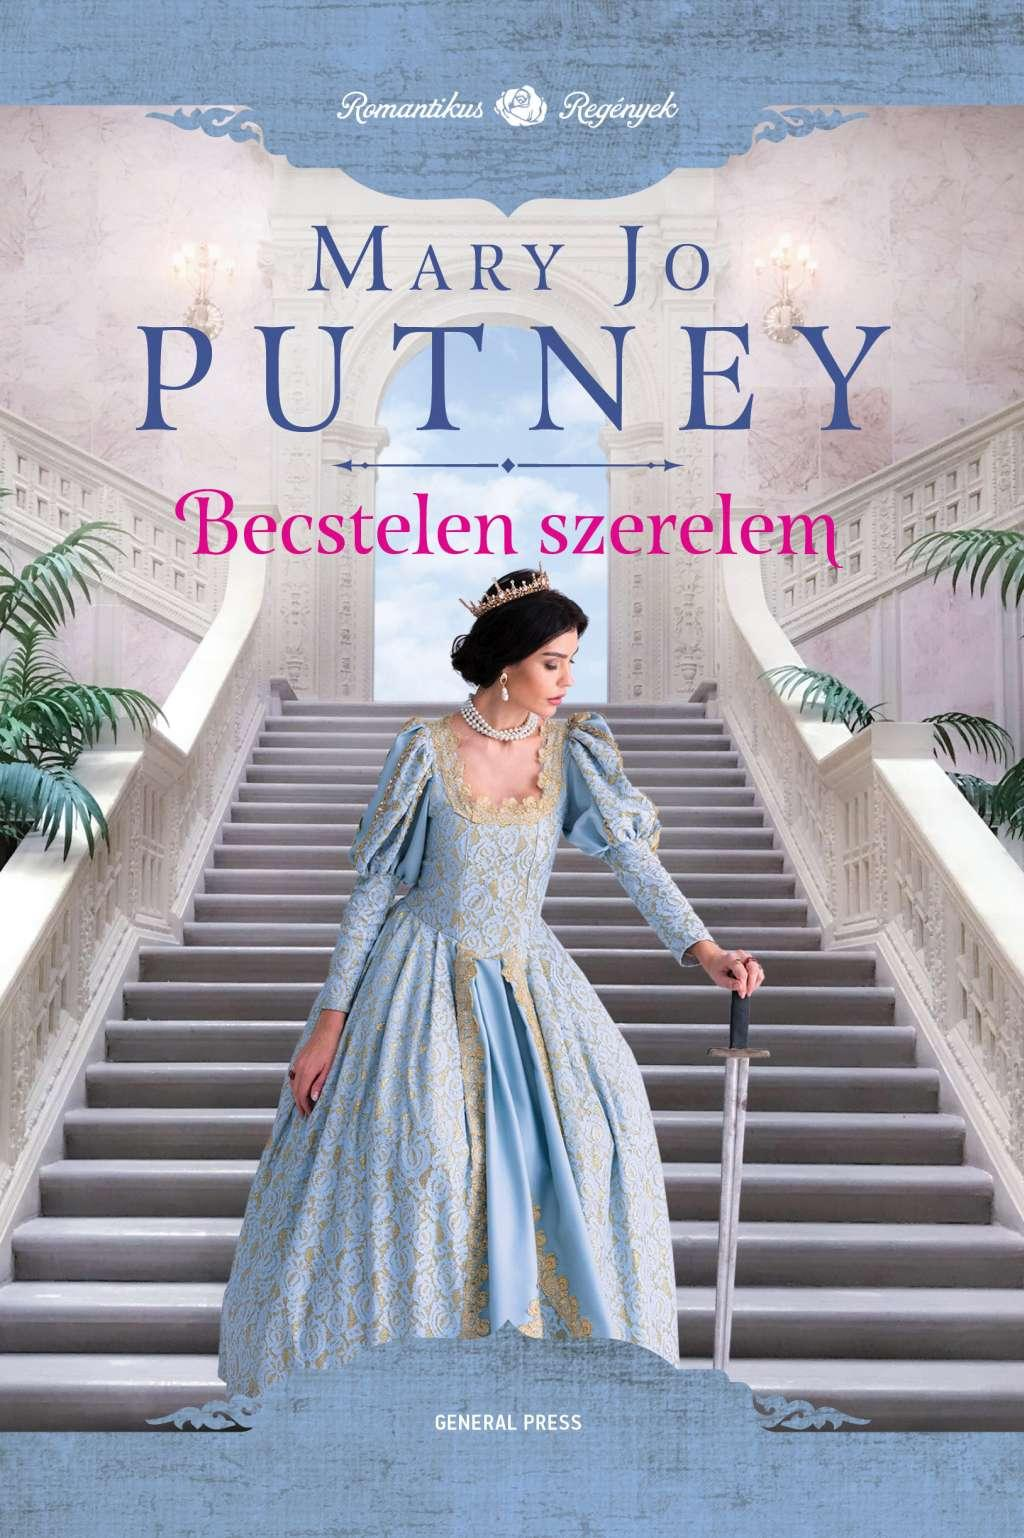 Mary Jo Putney - Becstelen szerelem